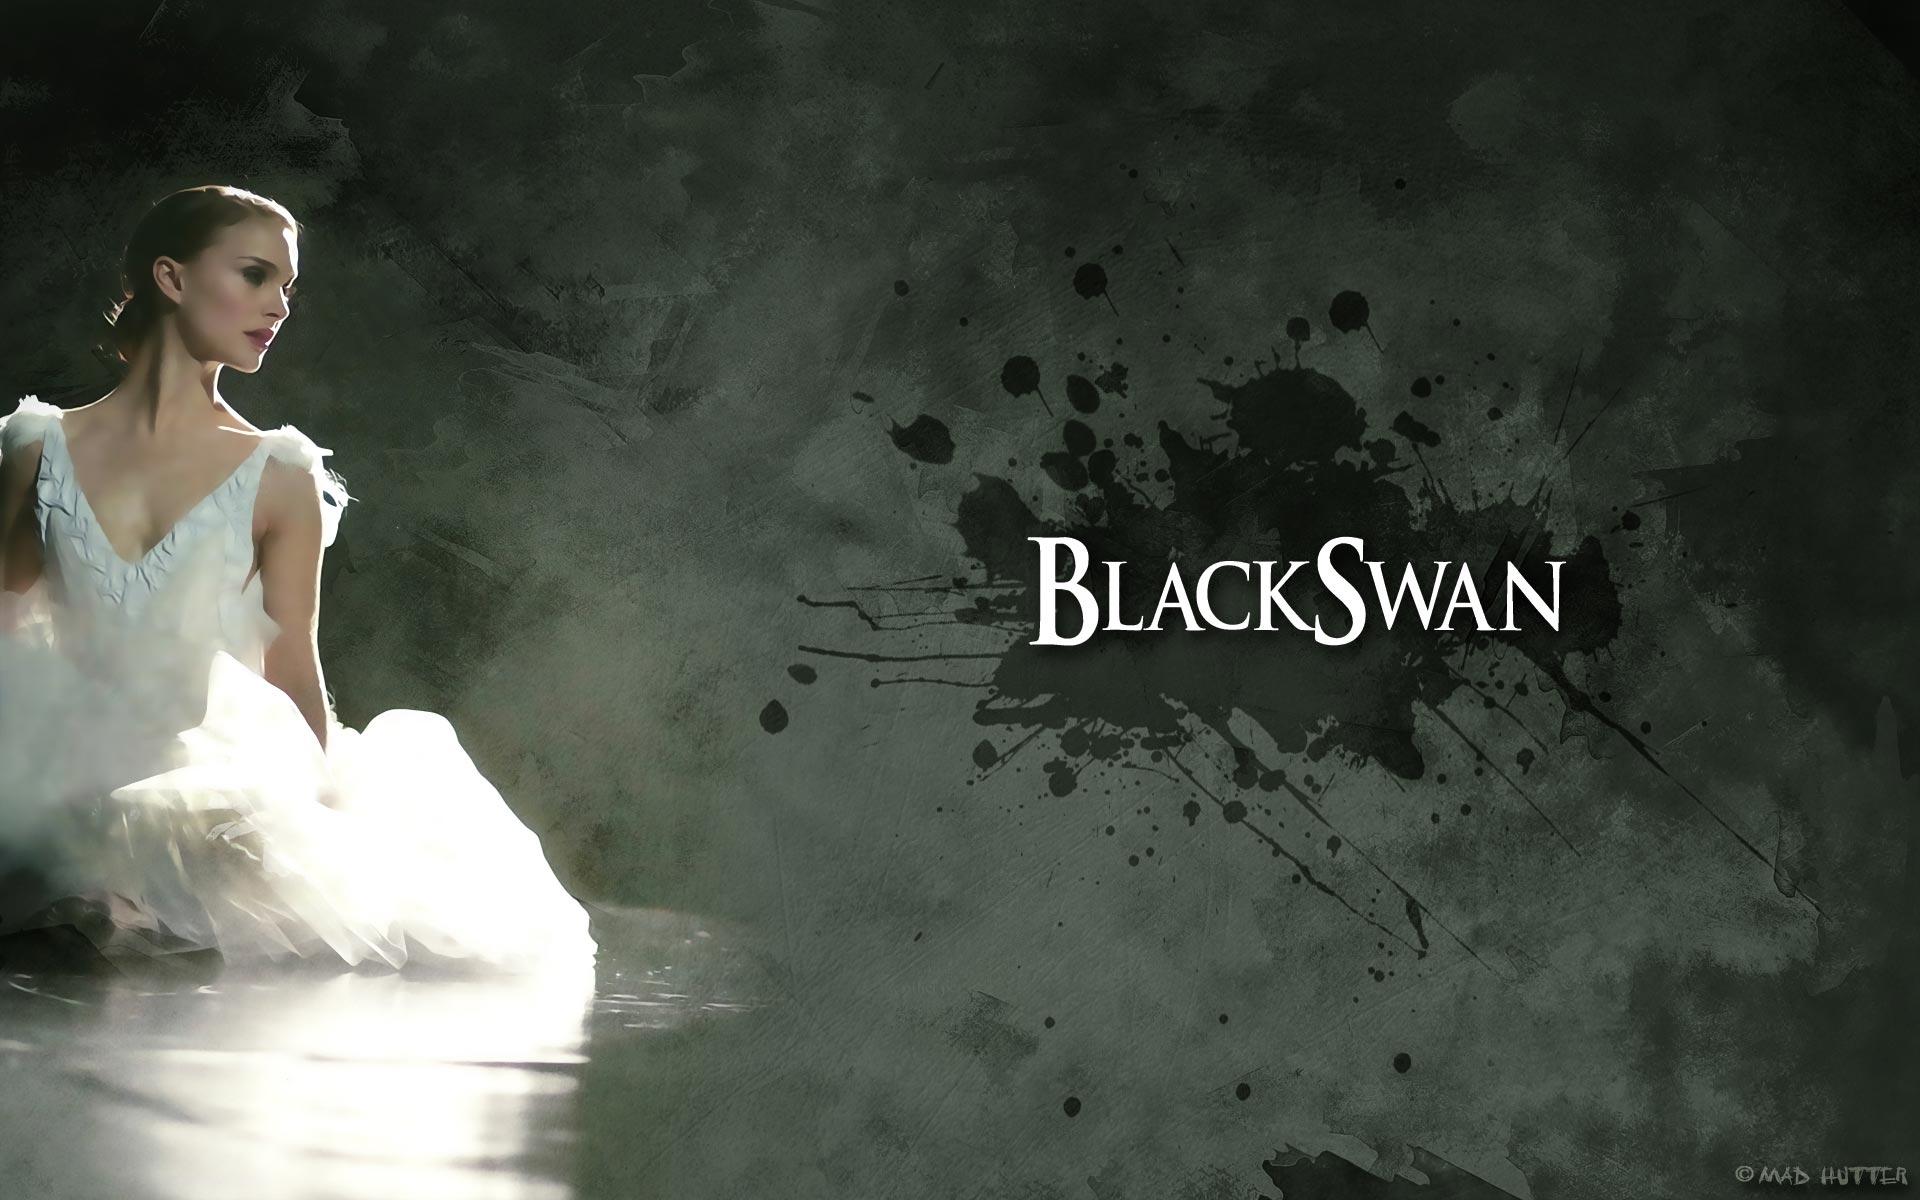 NCG Black Swan Wallpapers 34 Wallpapers of Black Swan 1920x1200